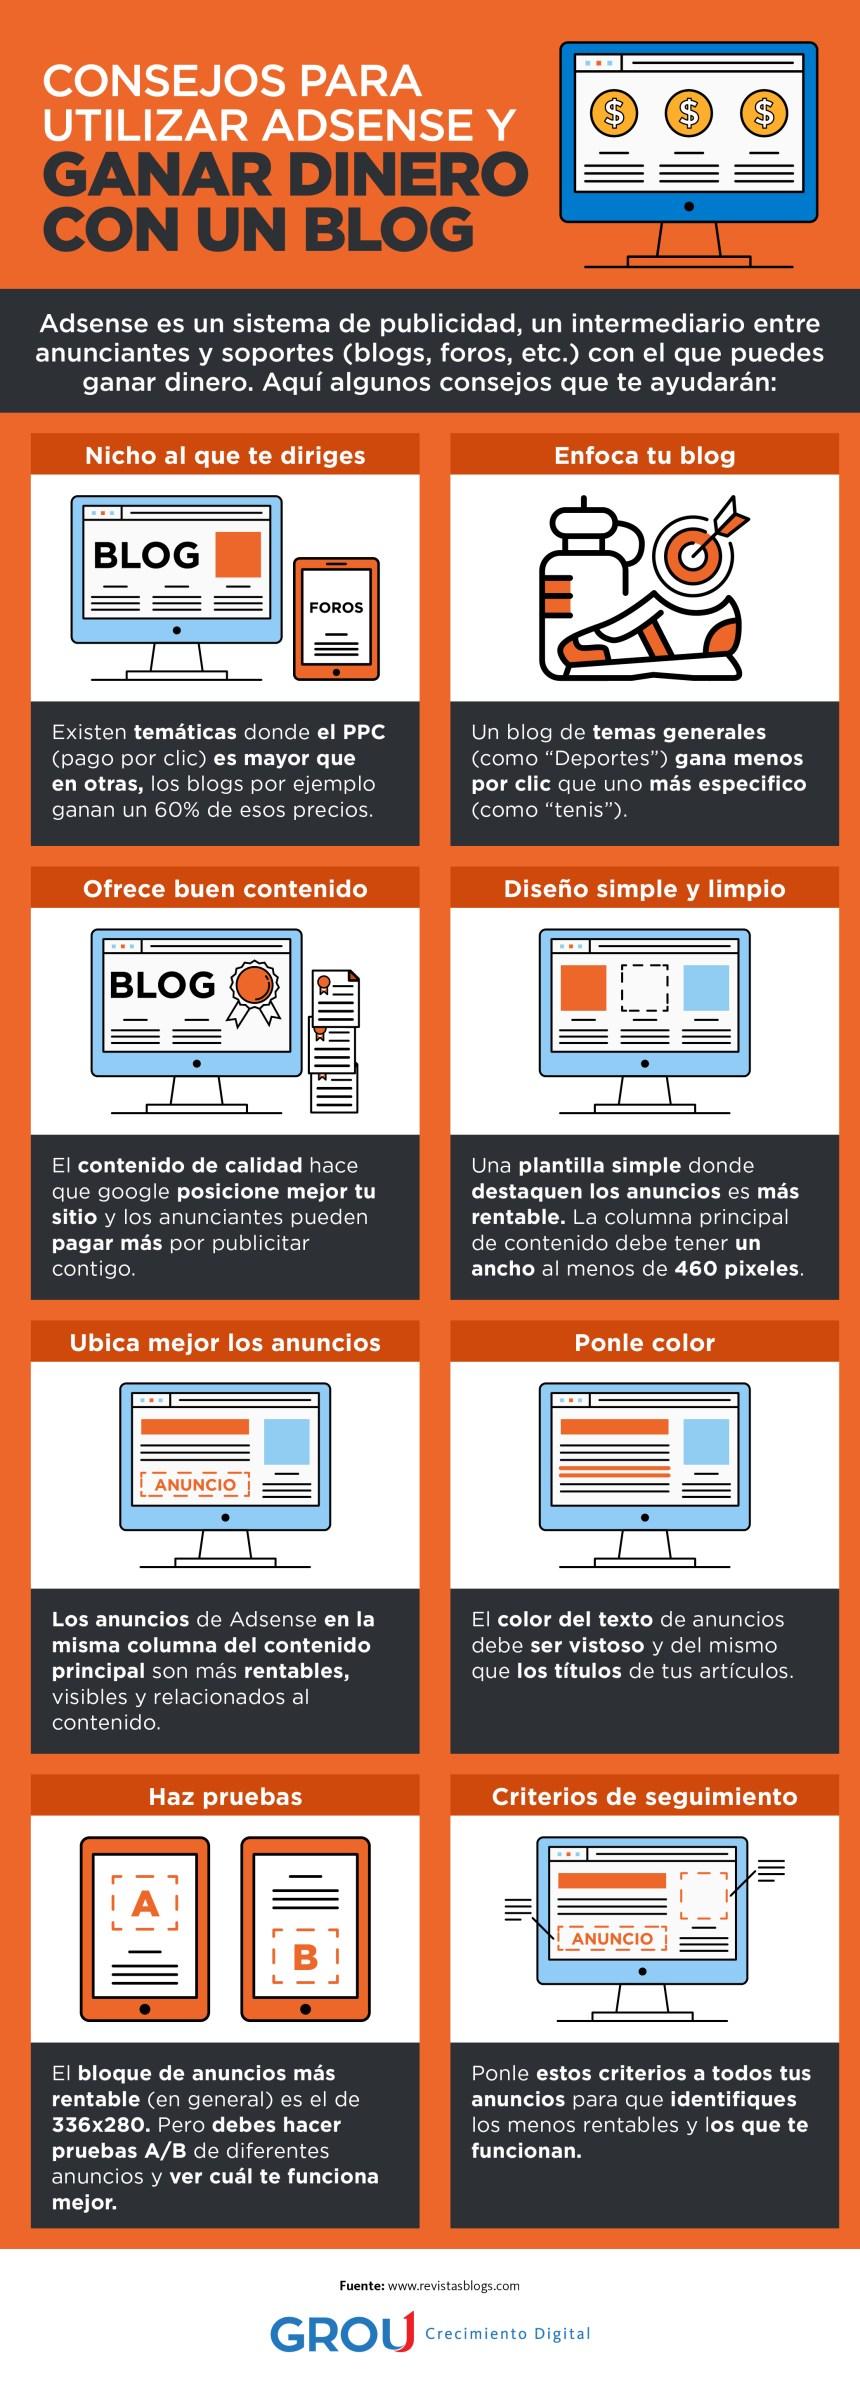 Consejos para utilizar AdSense y ganar dinero con un Blog